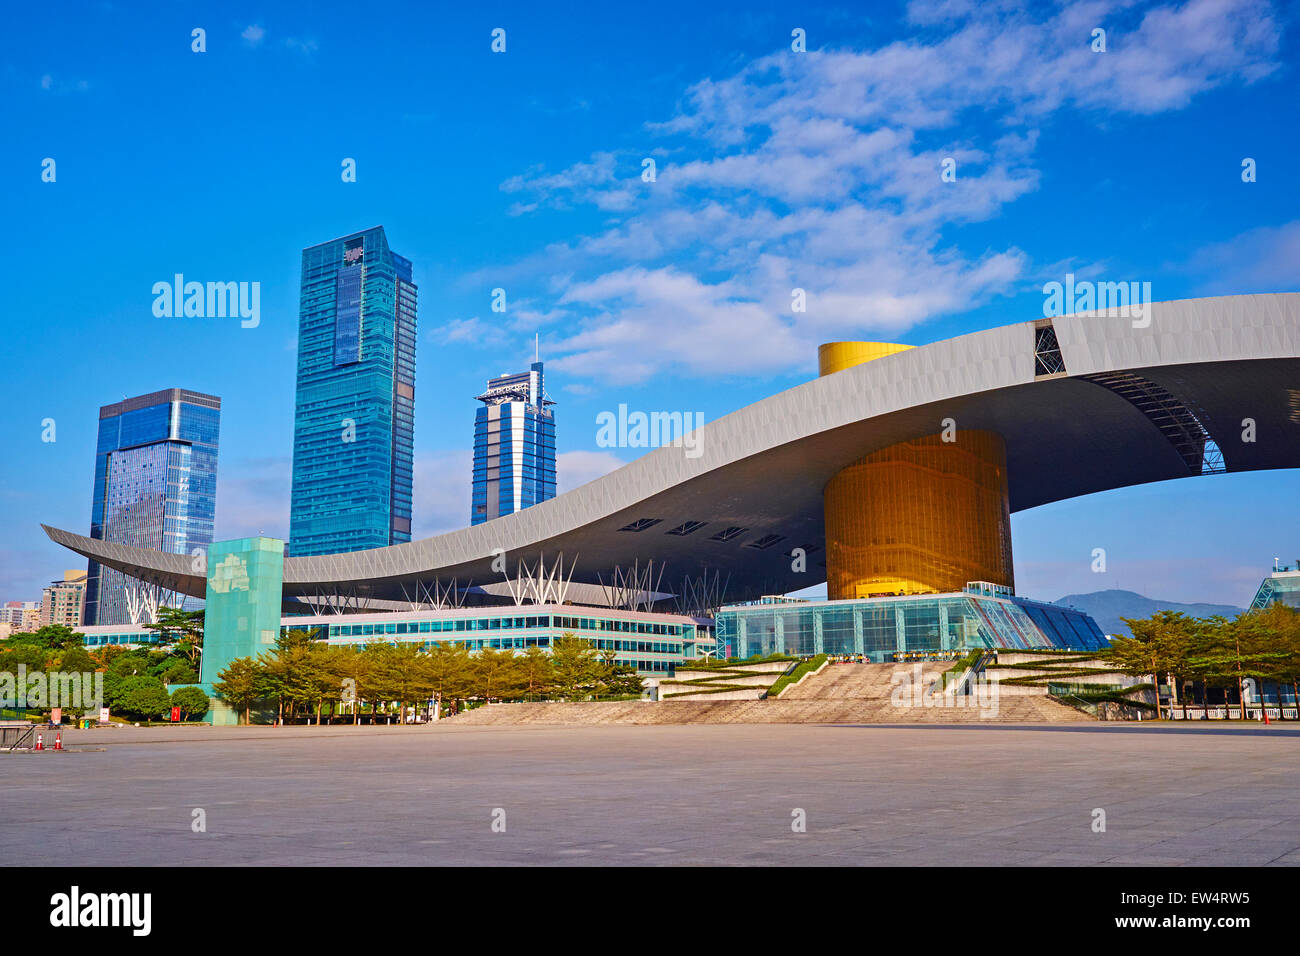 La Cina, nella provincia di Guangdong, Shenzhen, Piazza Civica o cittadini Square Immagini Stock